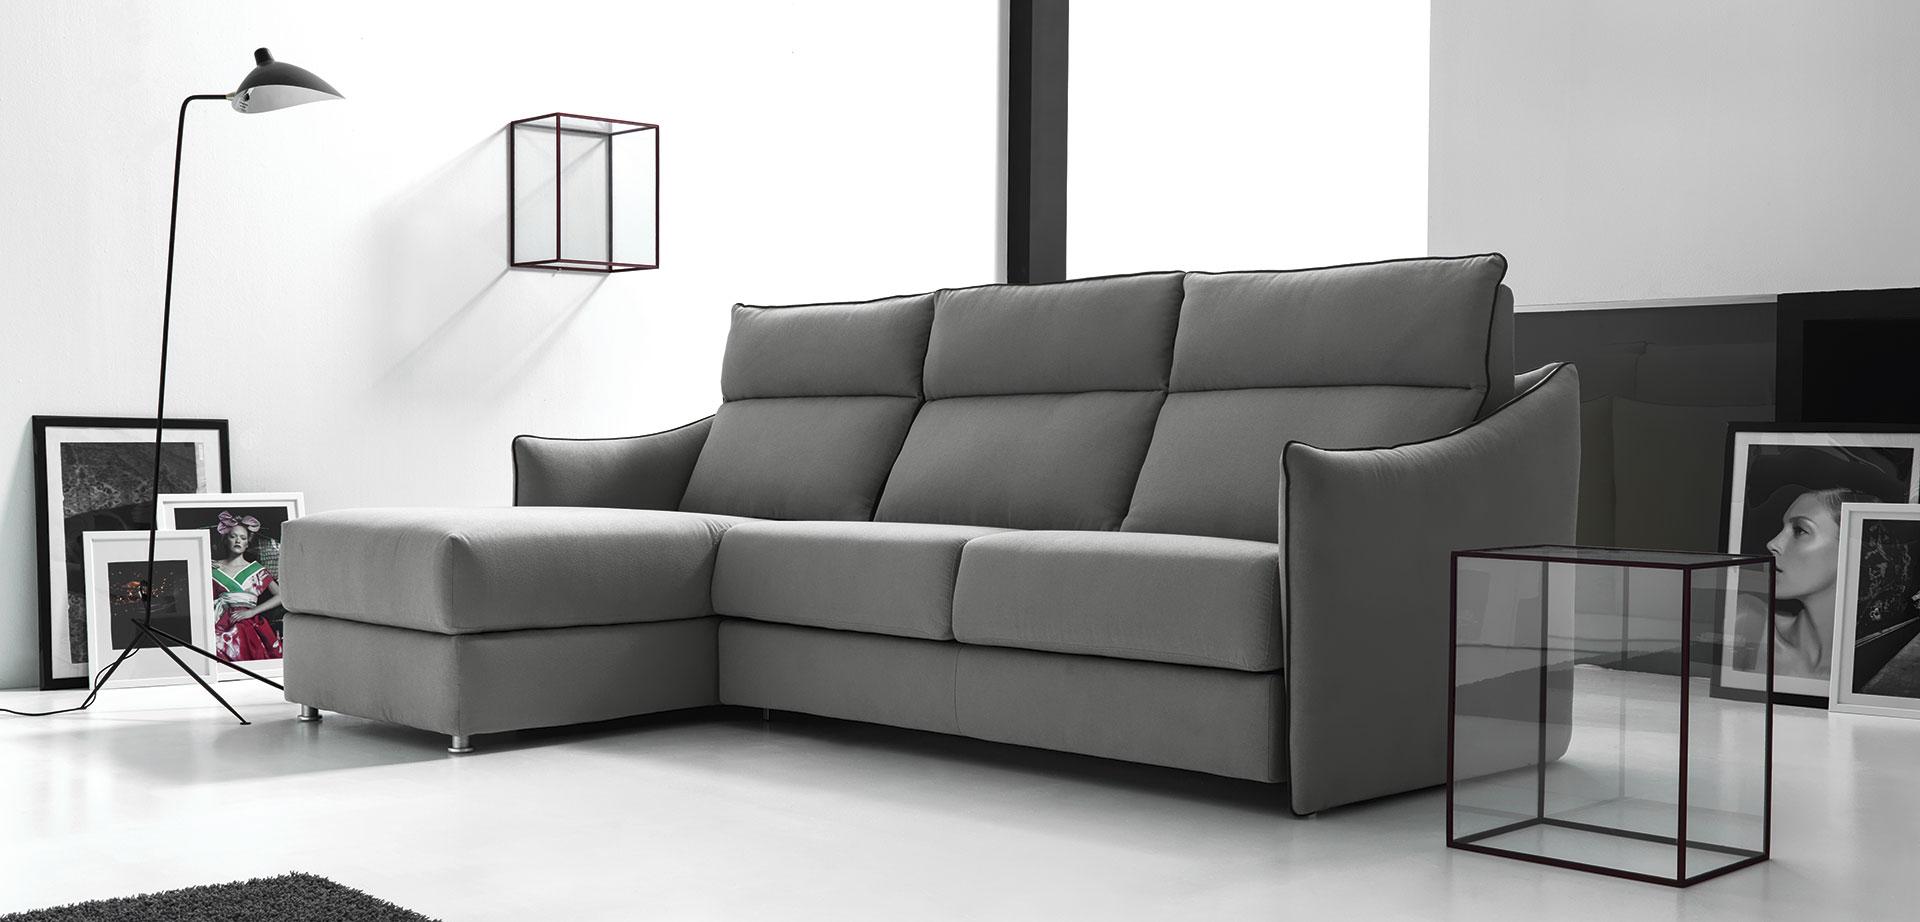 Comprare il divano come sceglierlo giussani e 39 casa - Comprare un divano ...